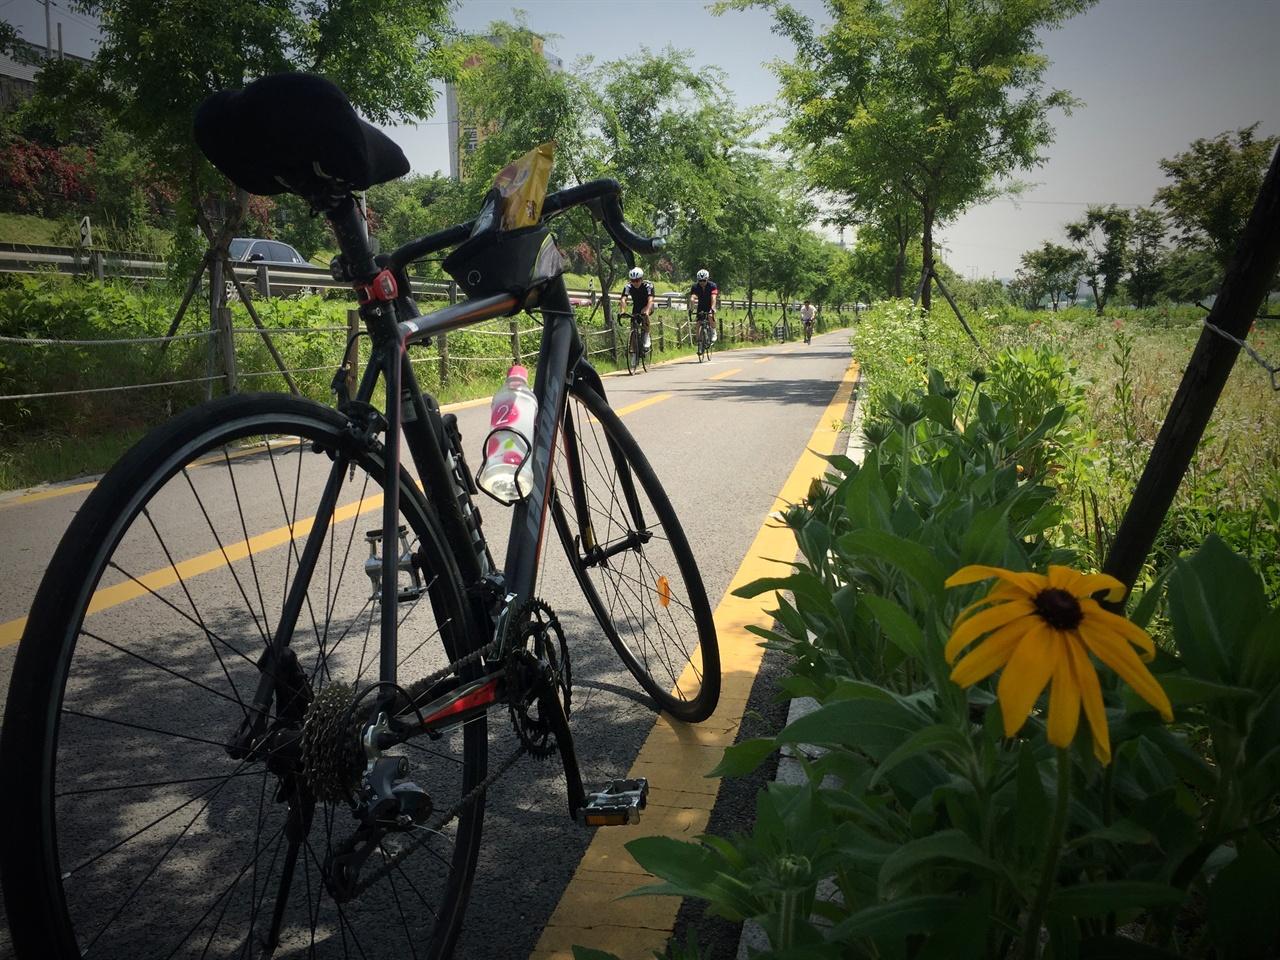 중랑천 자전거길 남들 두 시간 거리를 나는 세 시간 반이나 걸린다. 자전거길에 핀 이꽃 저꽃 참견을 하느라 느리다.